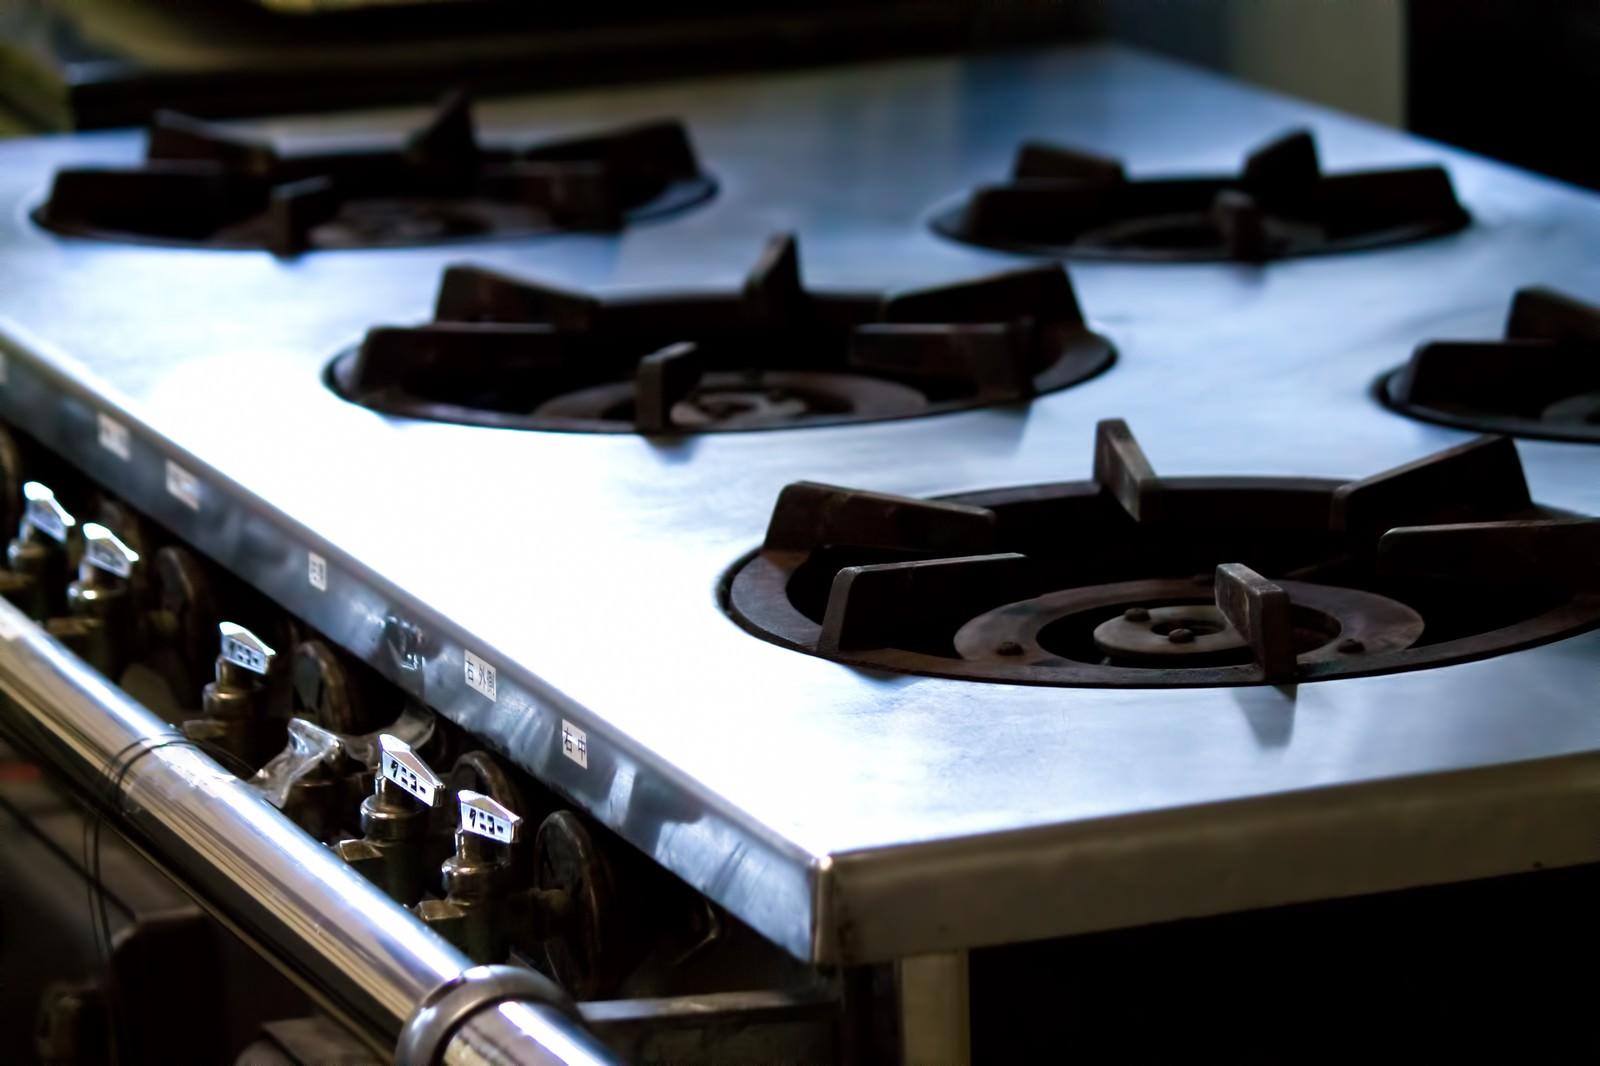 「業務用ガス台業務用ガス台」のフリー写真素材